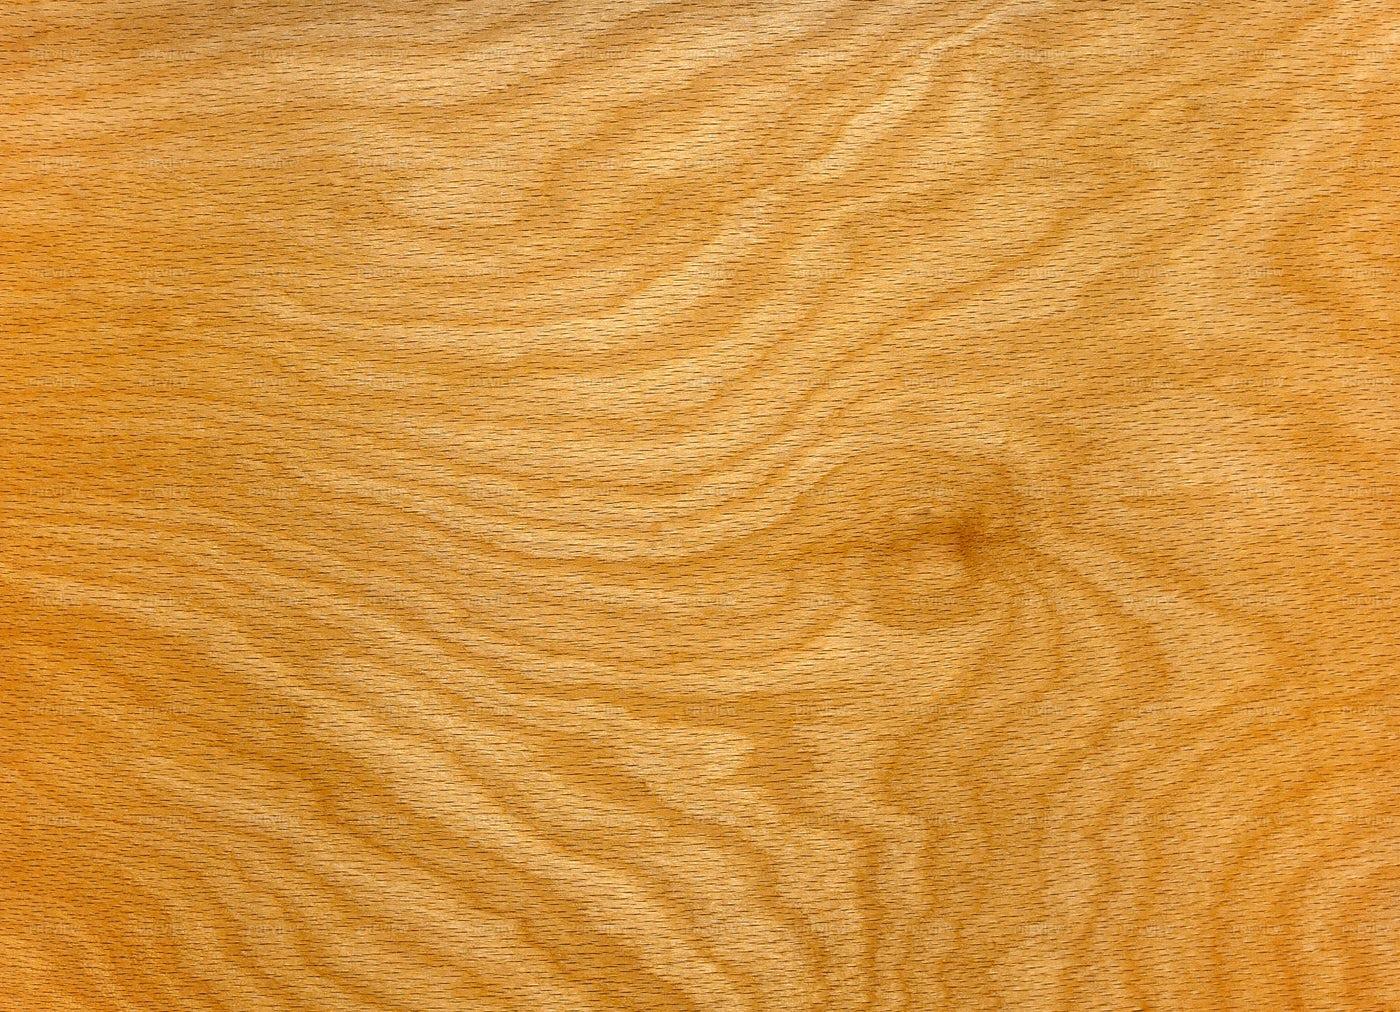 Brown Wood Surface: Stock Photos